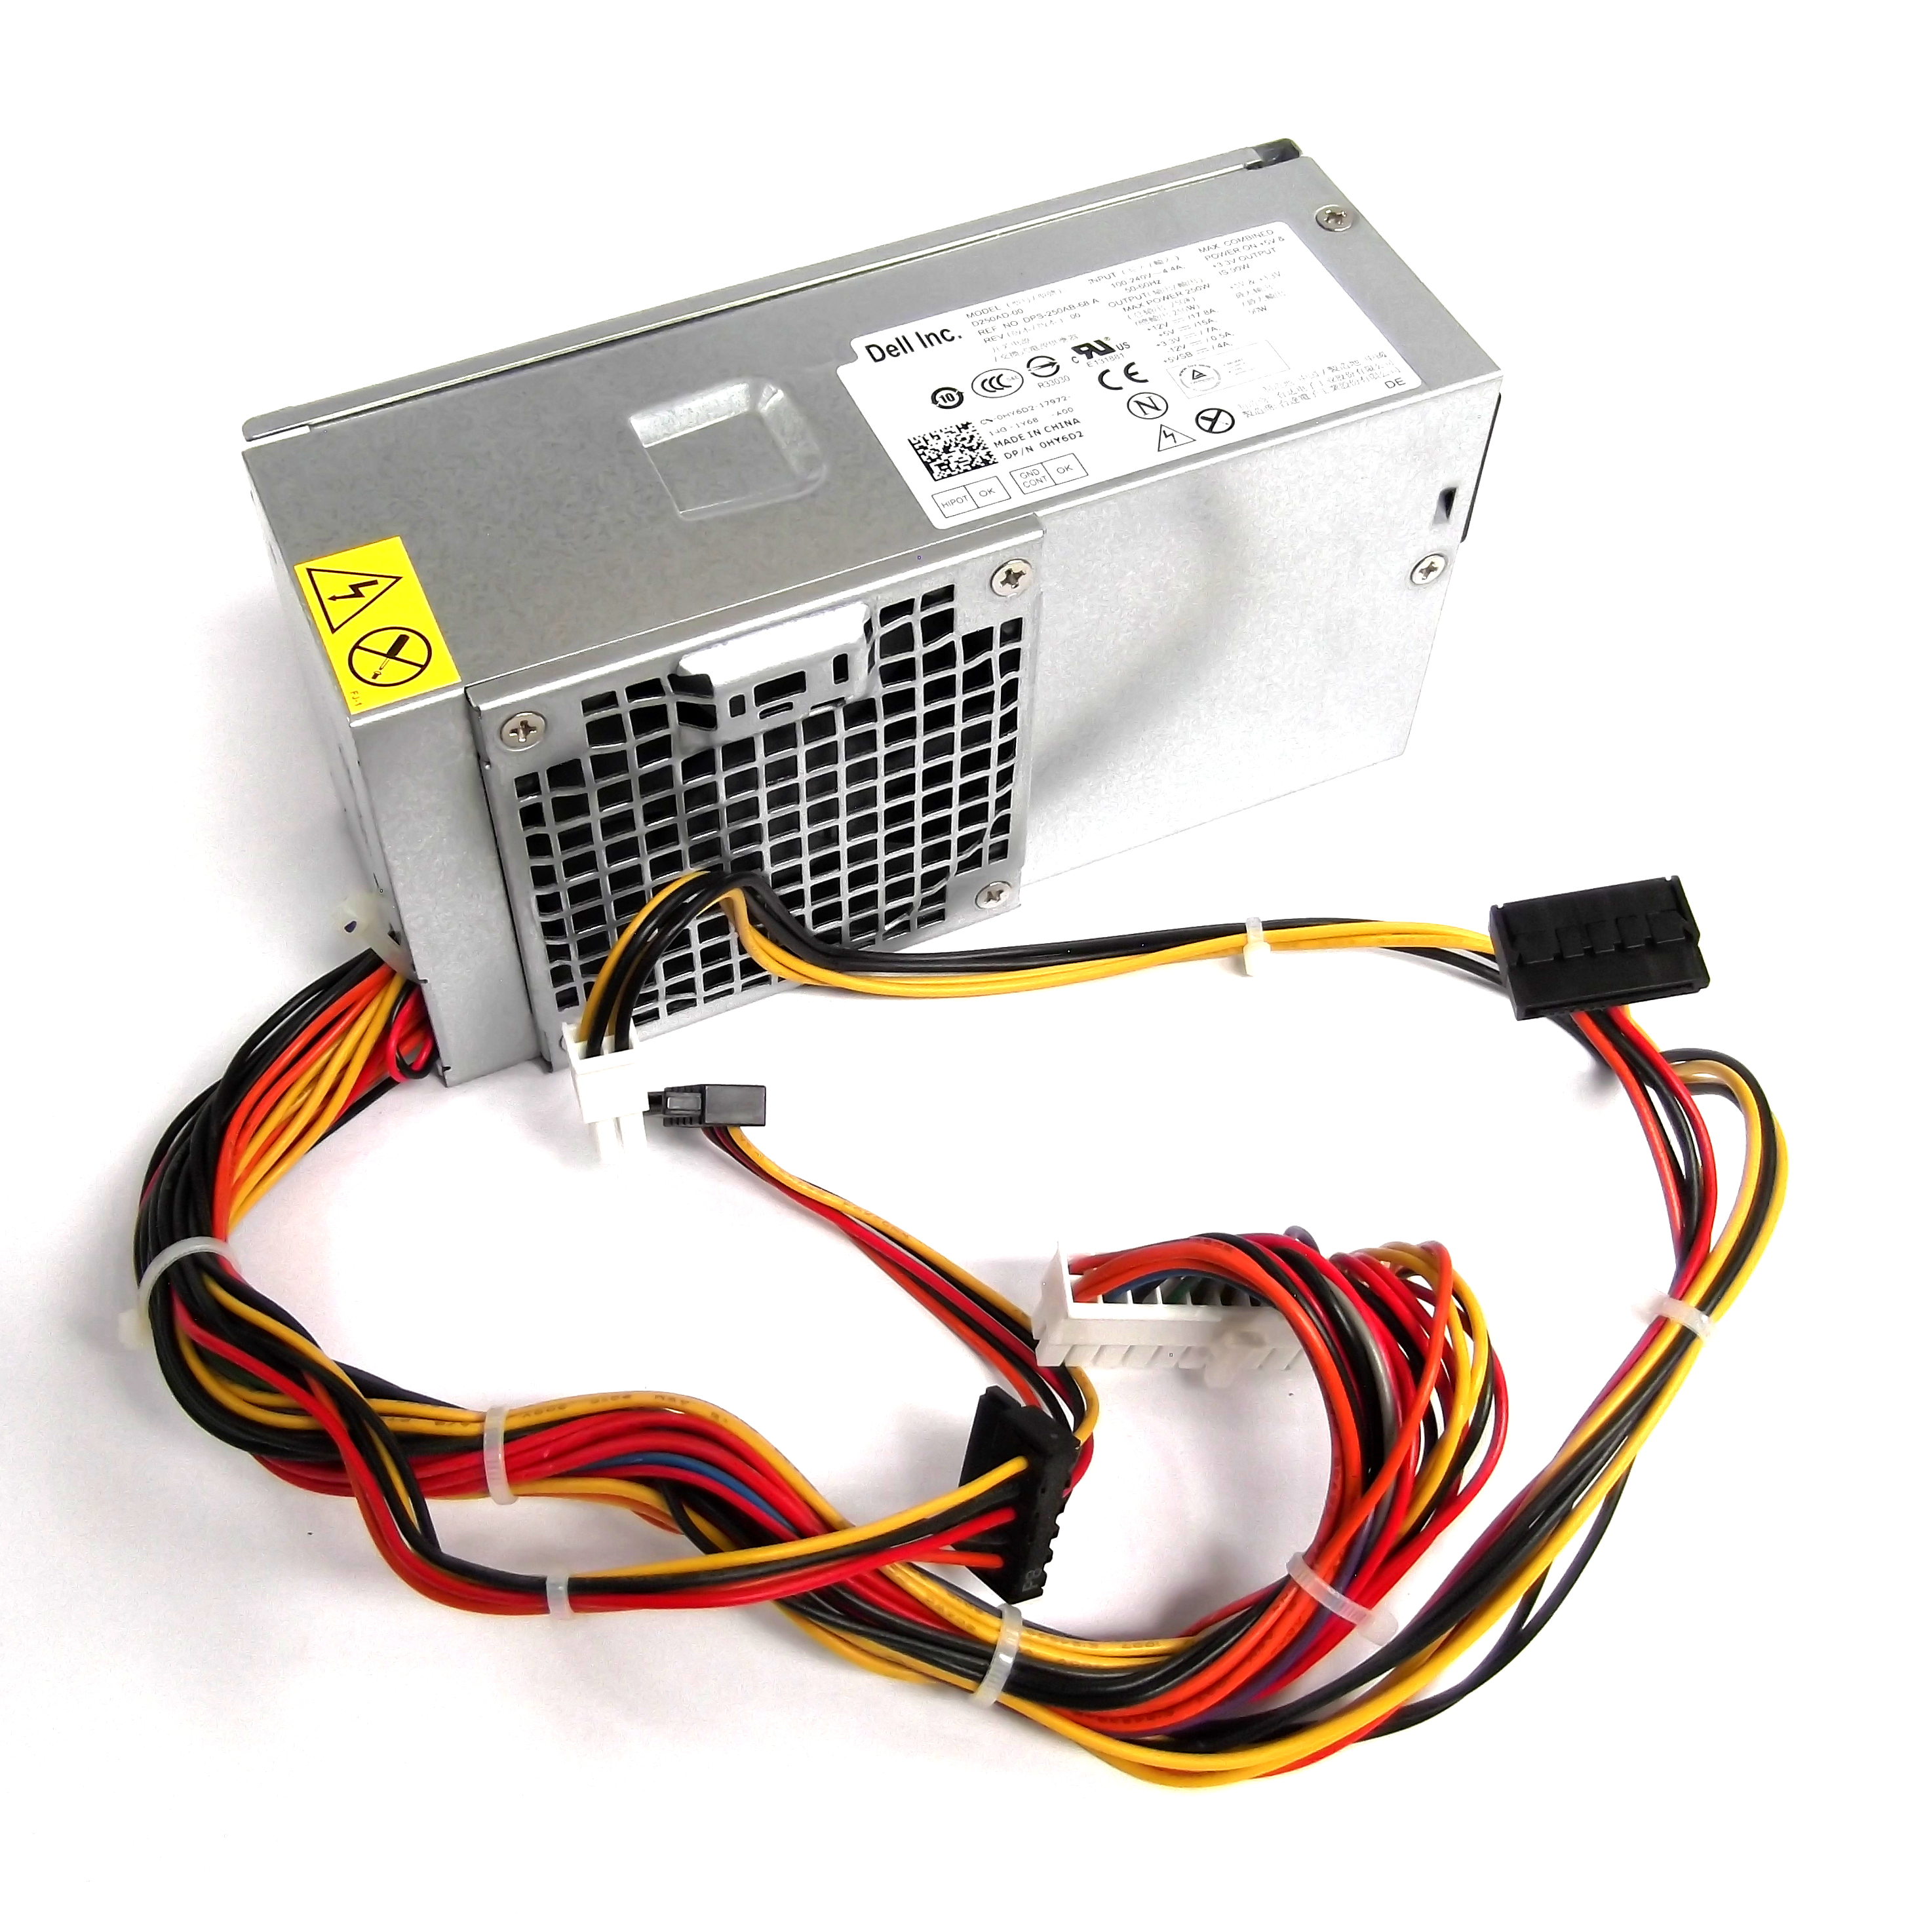 Dell HY6D2 DPS-250AB-68 A Optiplex 390/990 SFF 250W Power Supply